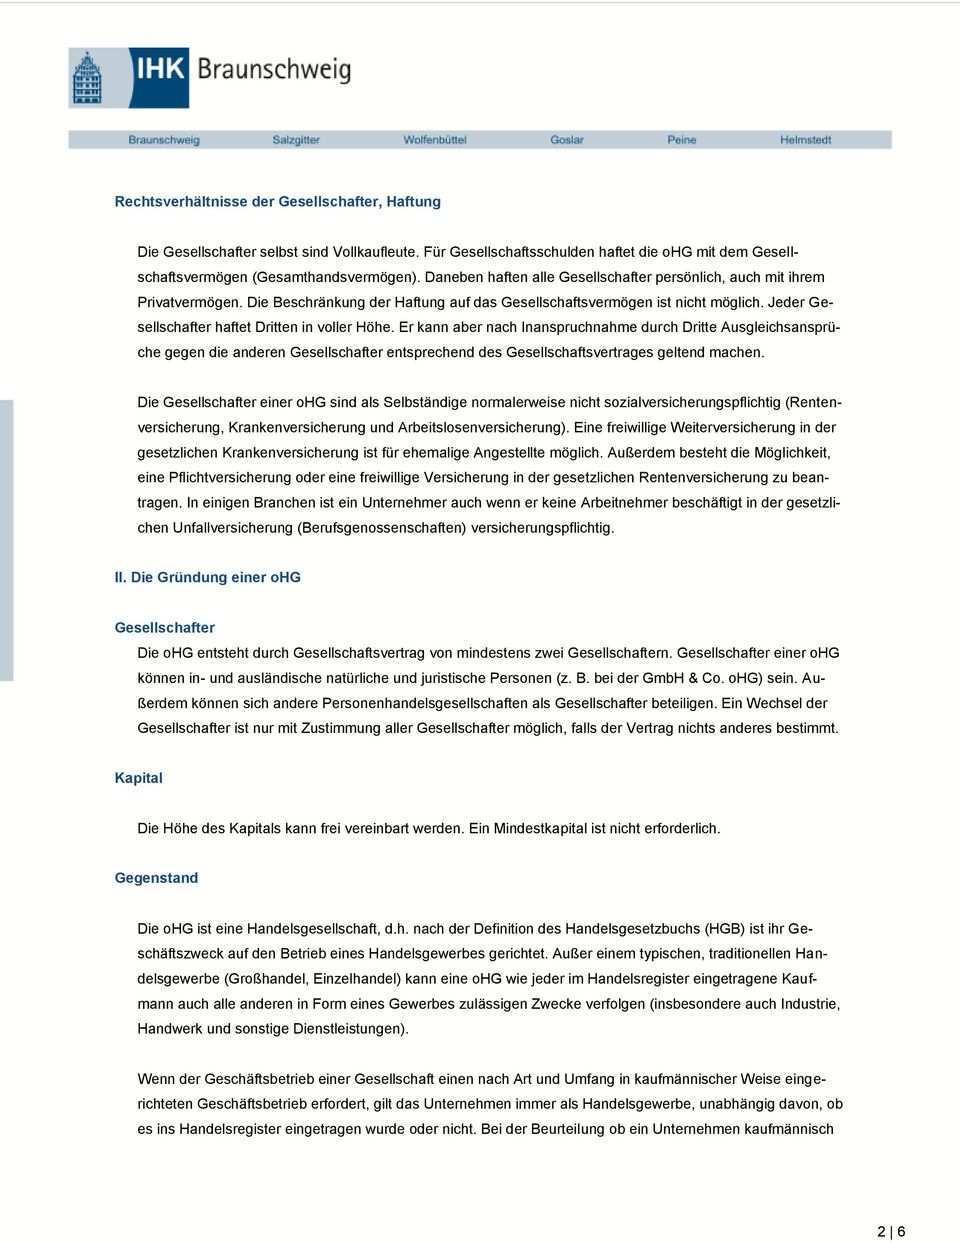 Offene Handelsgesellschaft Ohg Pdf Kostenfreier Download